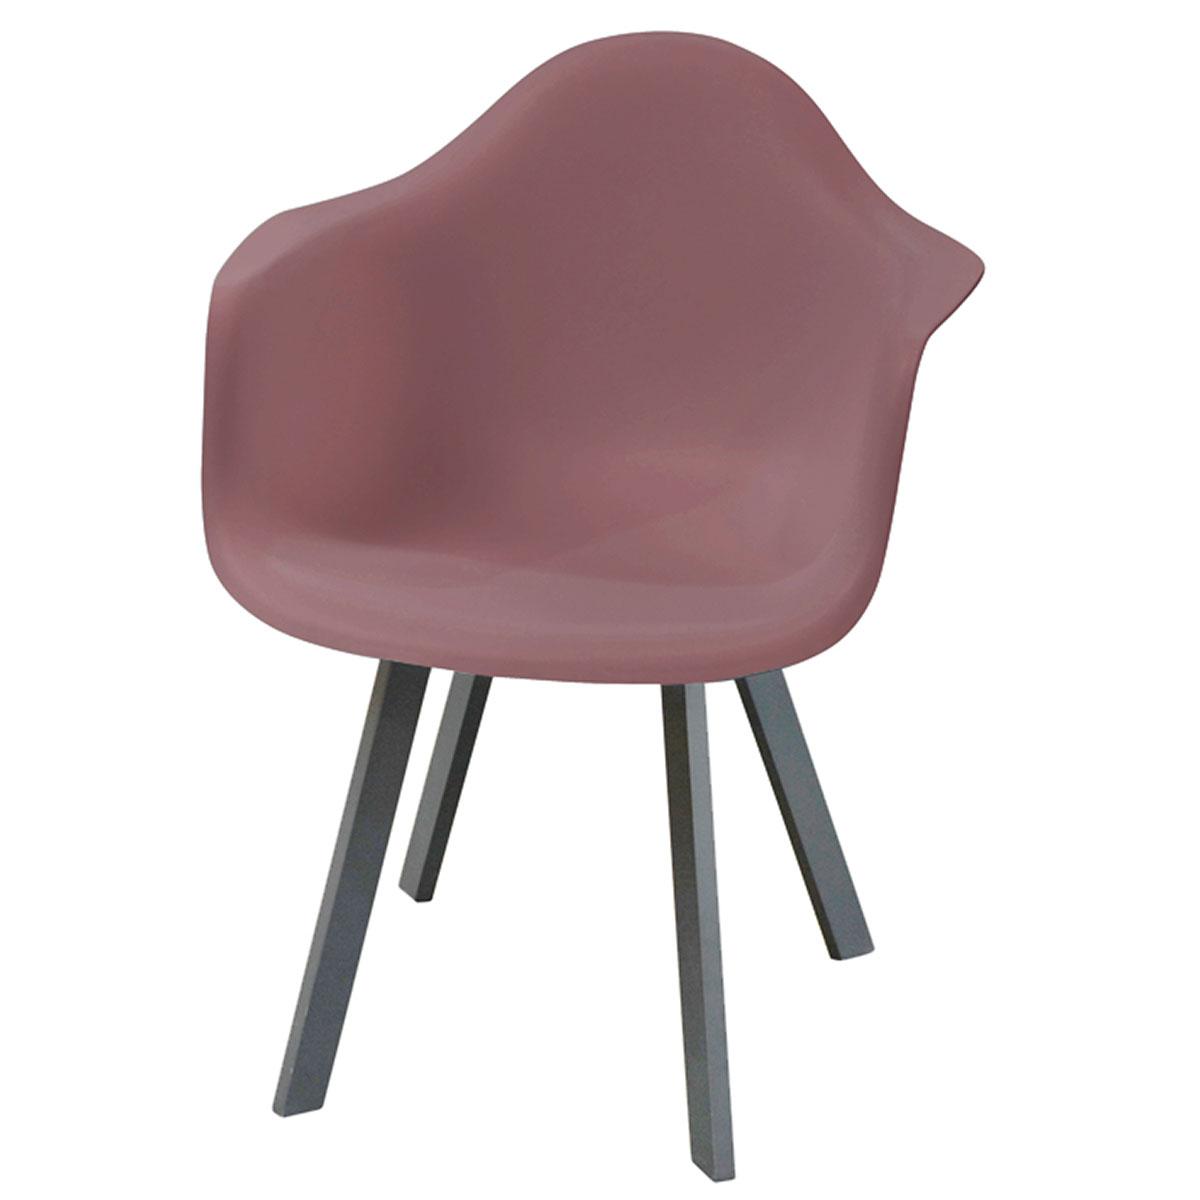 Fauteuil en forme de coque - Rouge - 65 x 63 x 81,5 cm